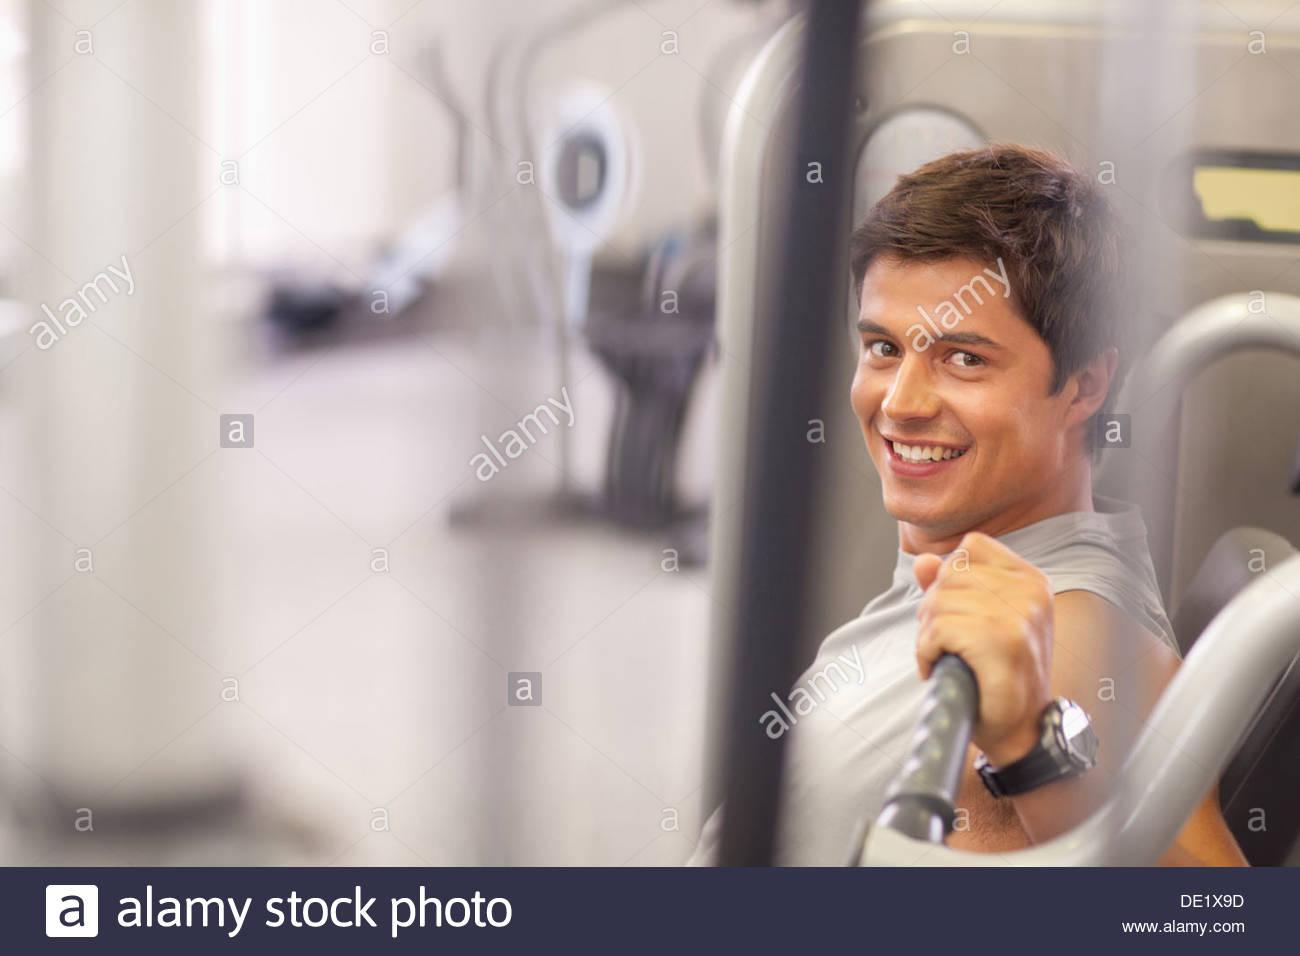 Hombre trabajando en el gimnasio Imagen De Stock